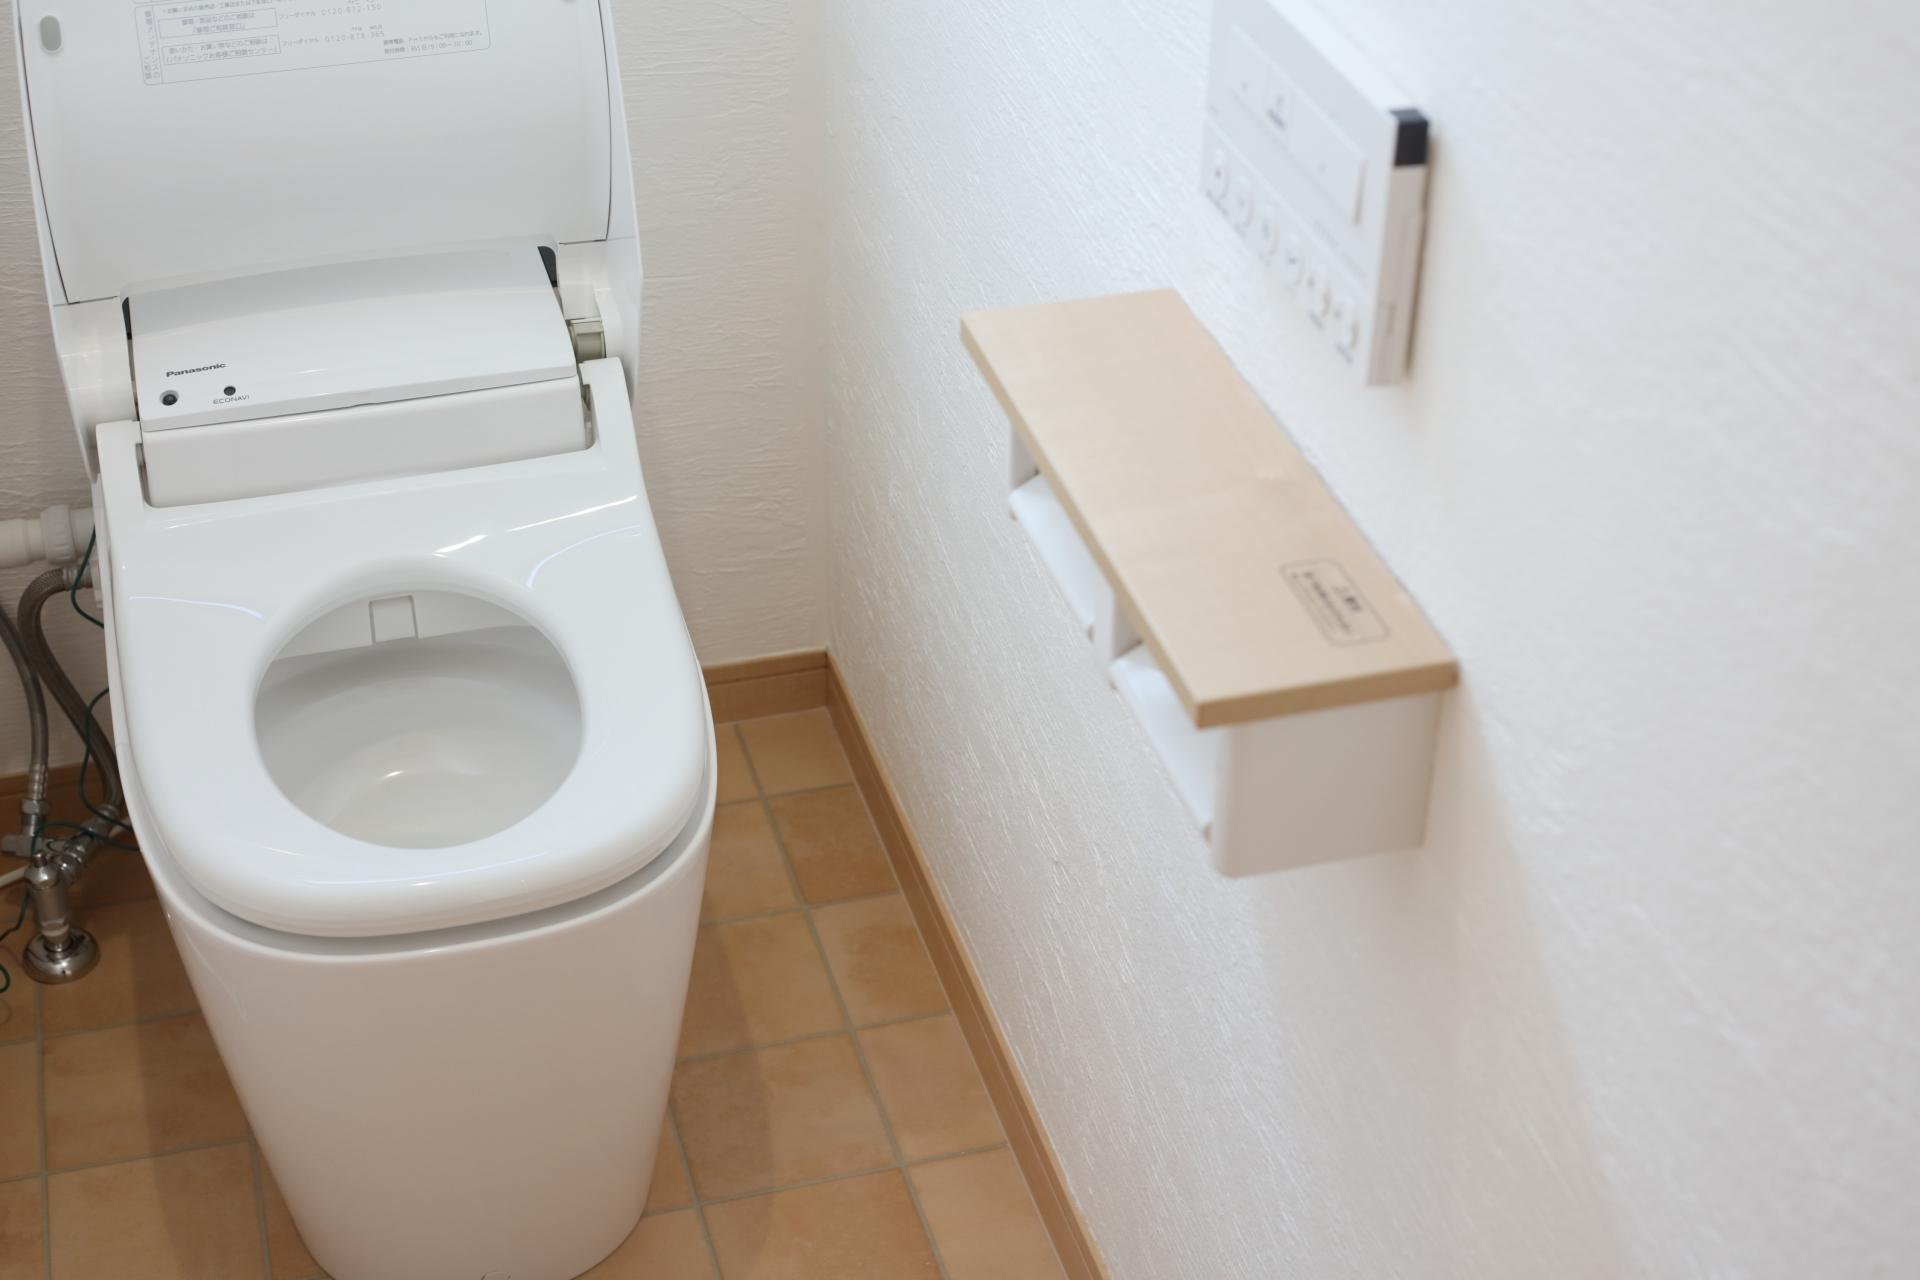 トイレの壁にカビが生えた…その原因とは